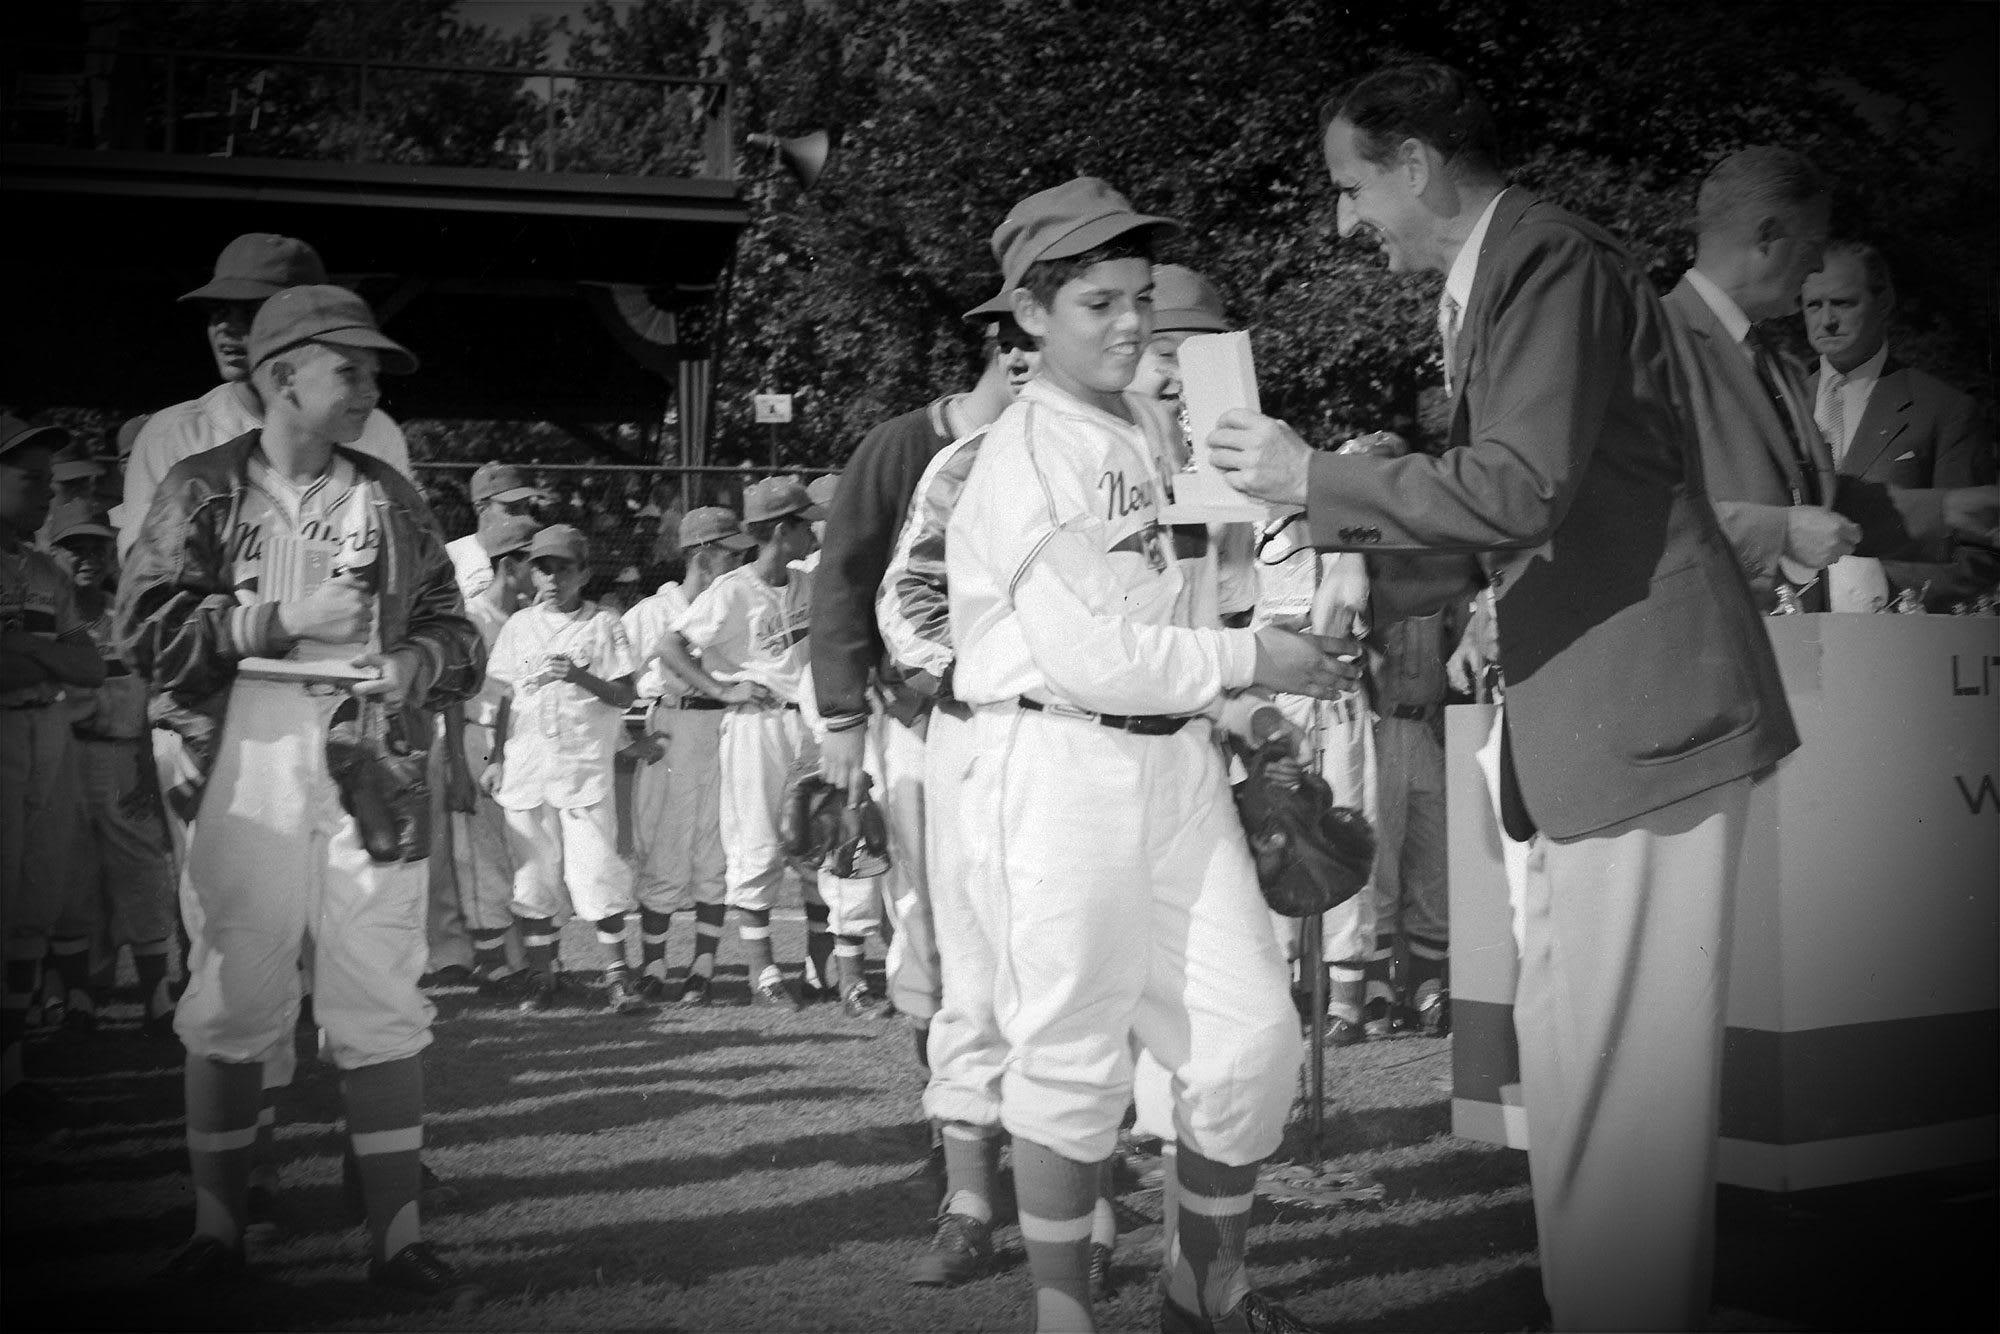 Little League International Remembers Billy Connors, Little League Baseball World